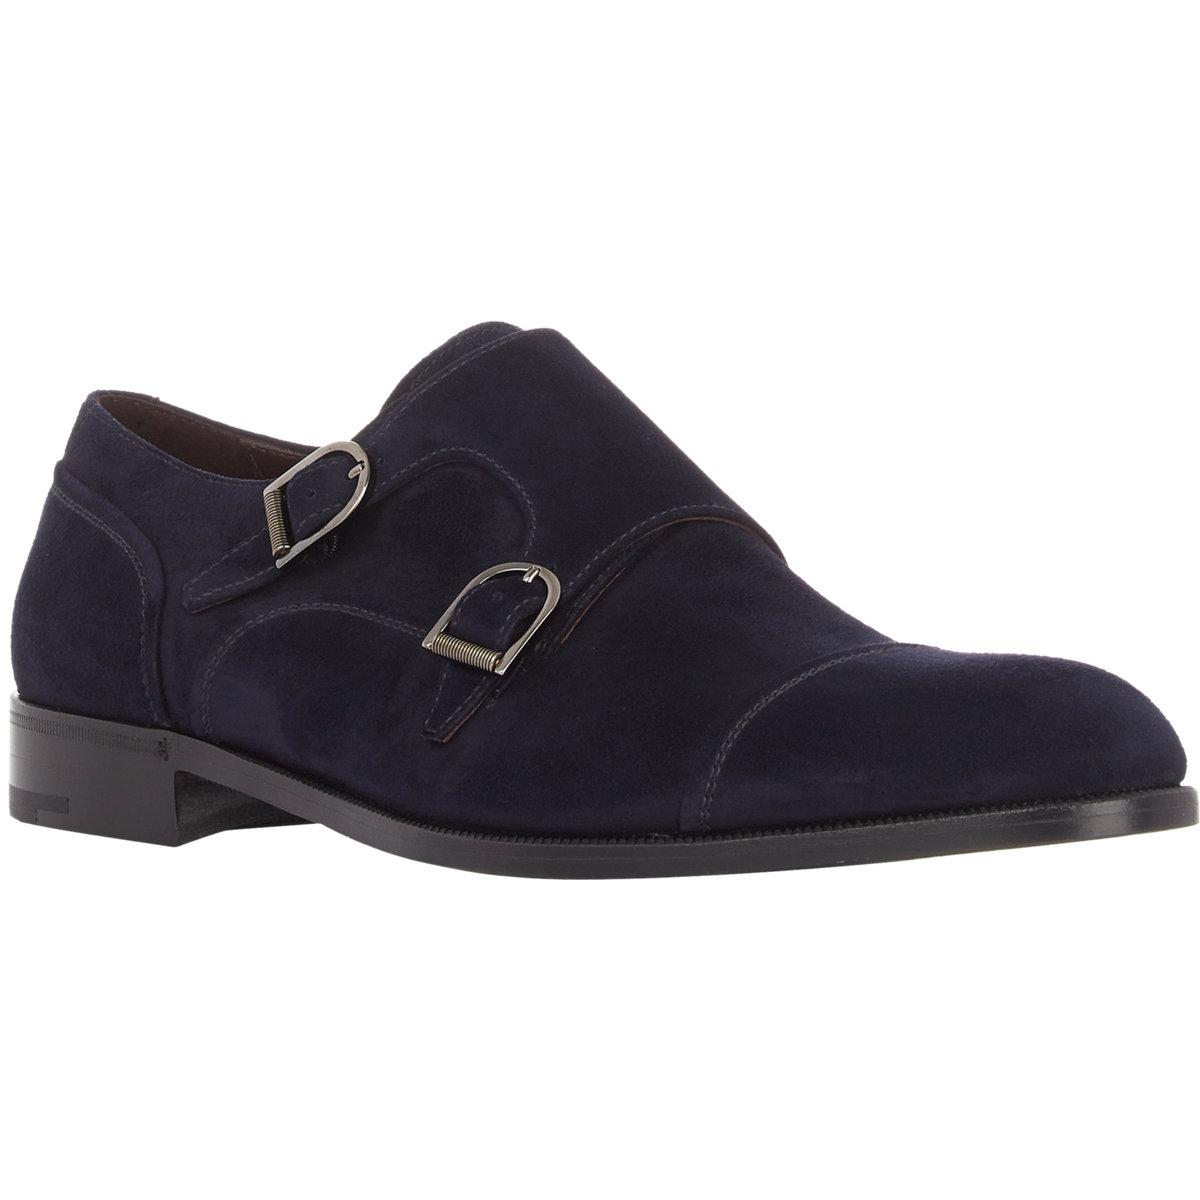 Ermenegildo zegna Cap-toe Double-monk Shoes in Blue for Men - Lyst